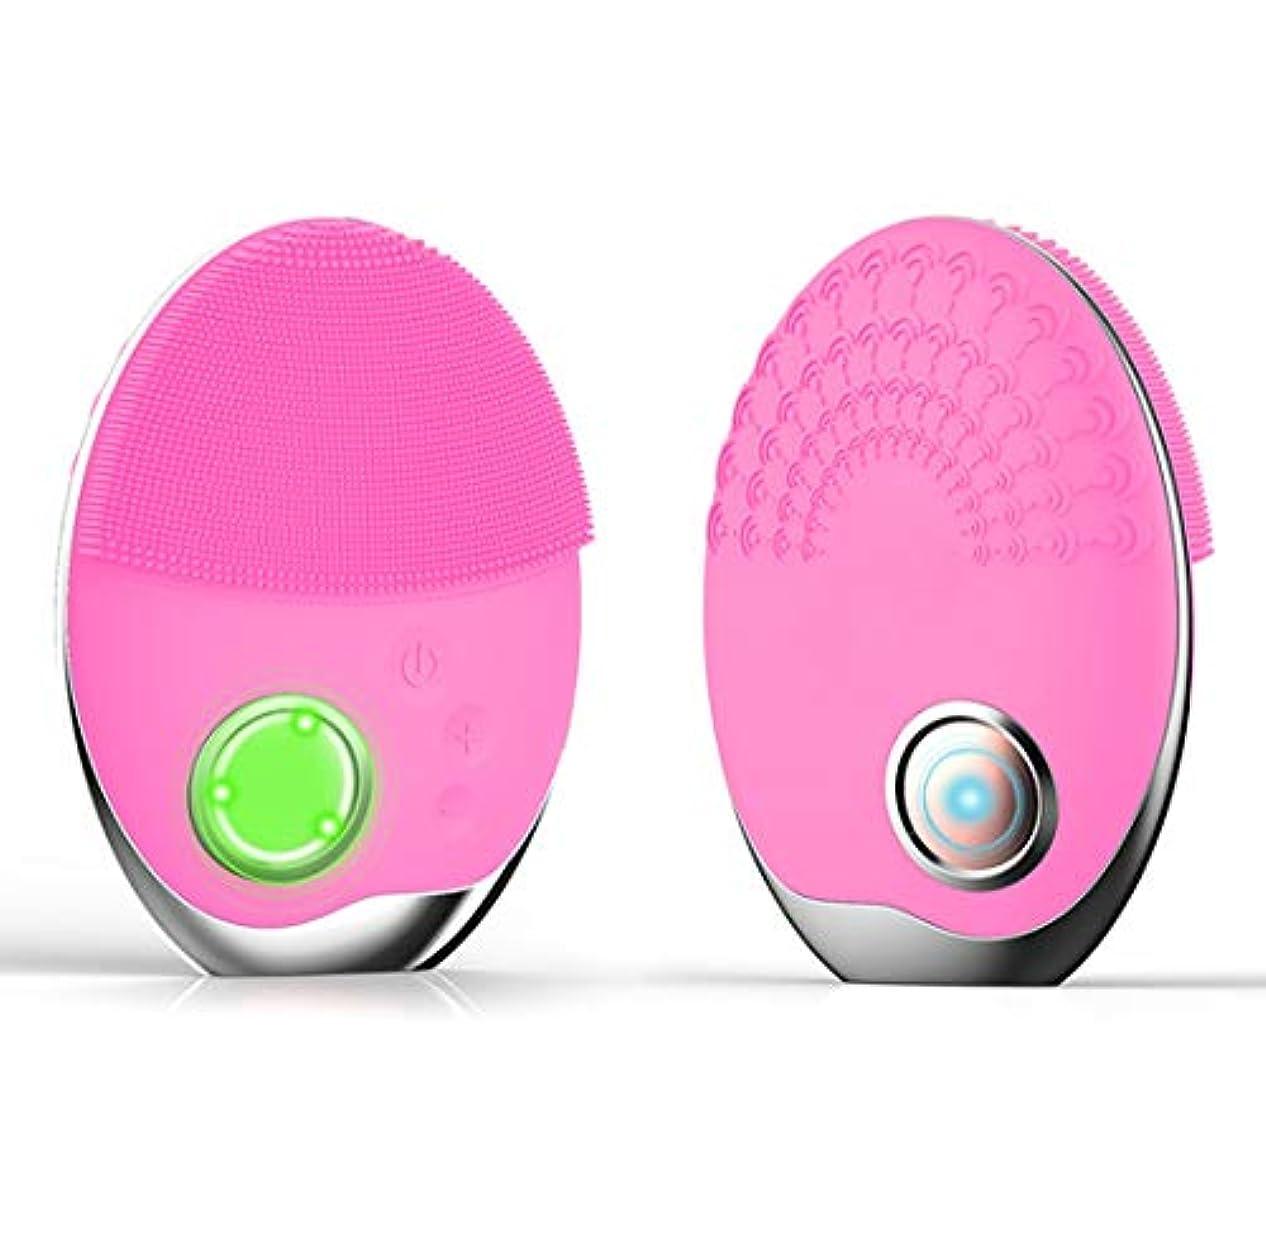 チャップシャトル誰の洗顔ブラシ フェイスブラシ 電動 音波洗顔 食品級シリコン洗顔器 IPX7防水 黒ずみ 汚れ落とし 美肌ライト ピンク